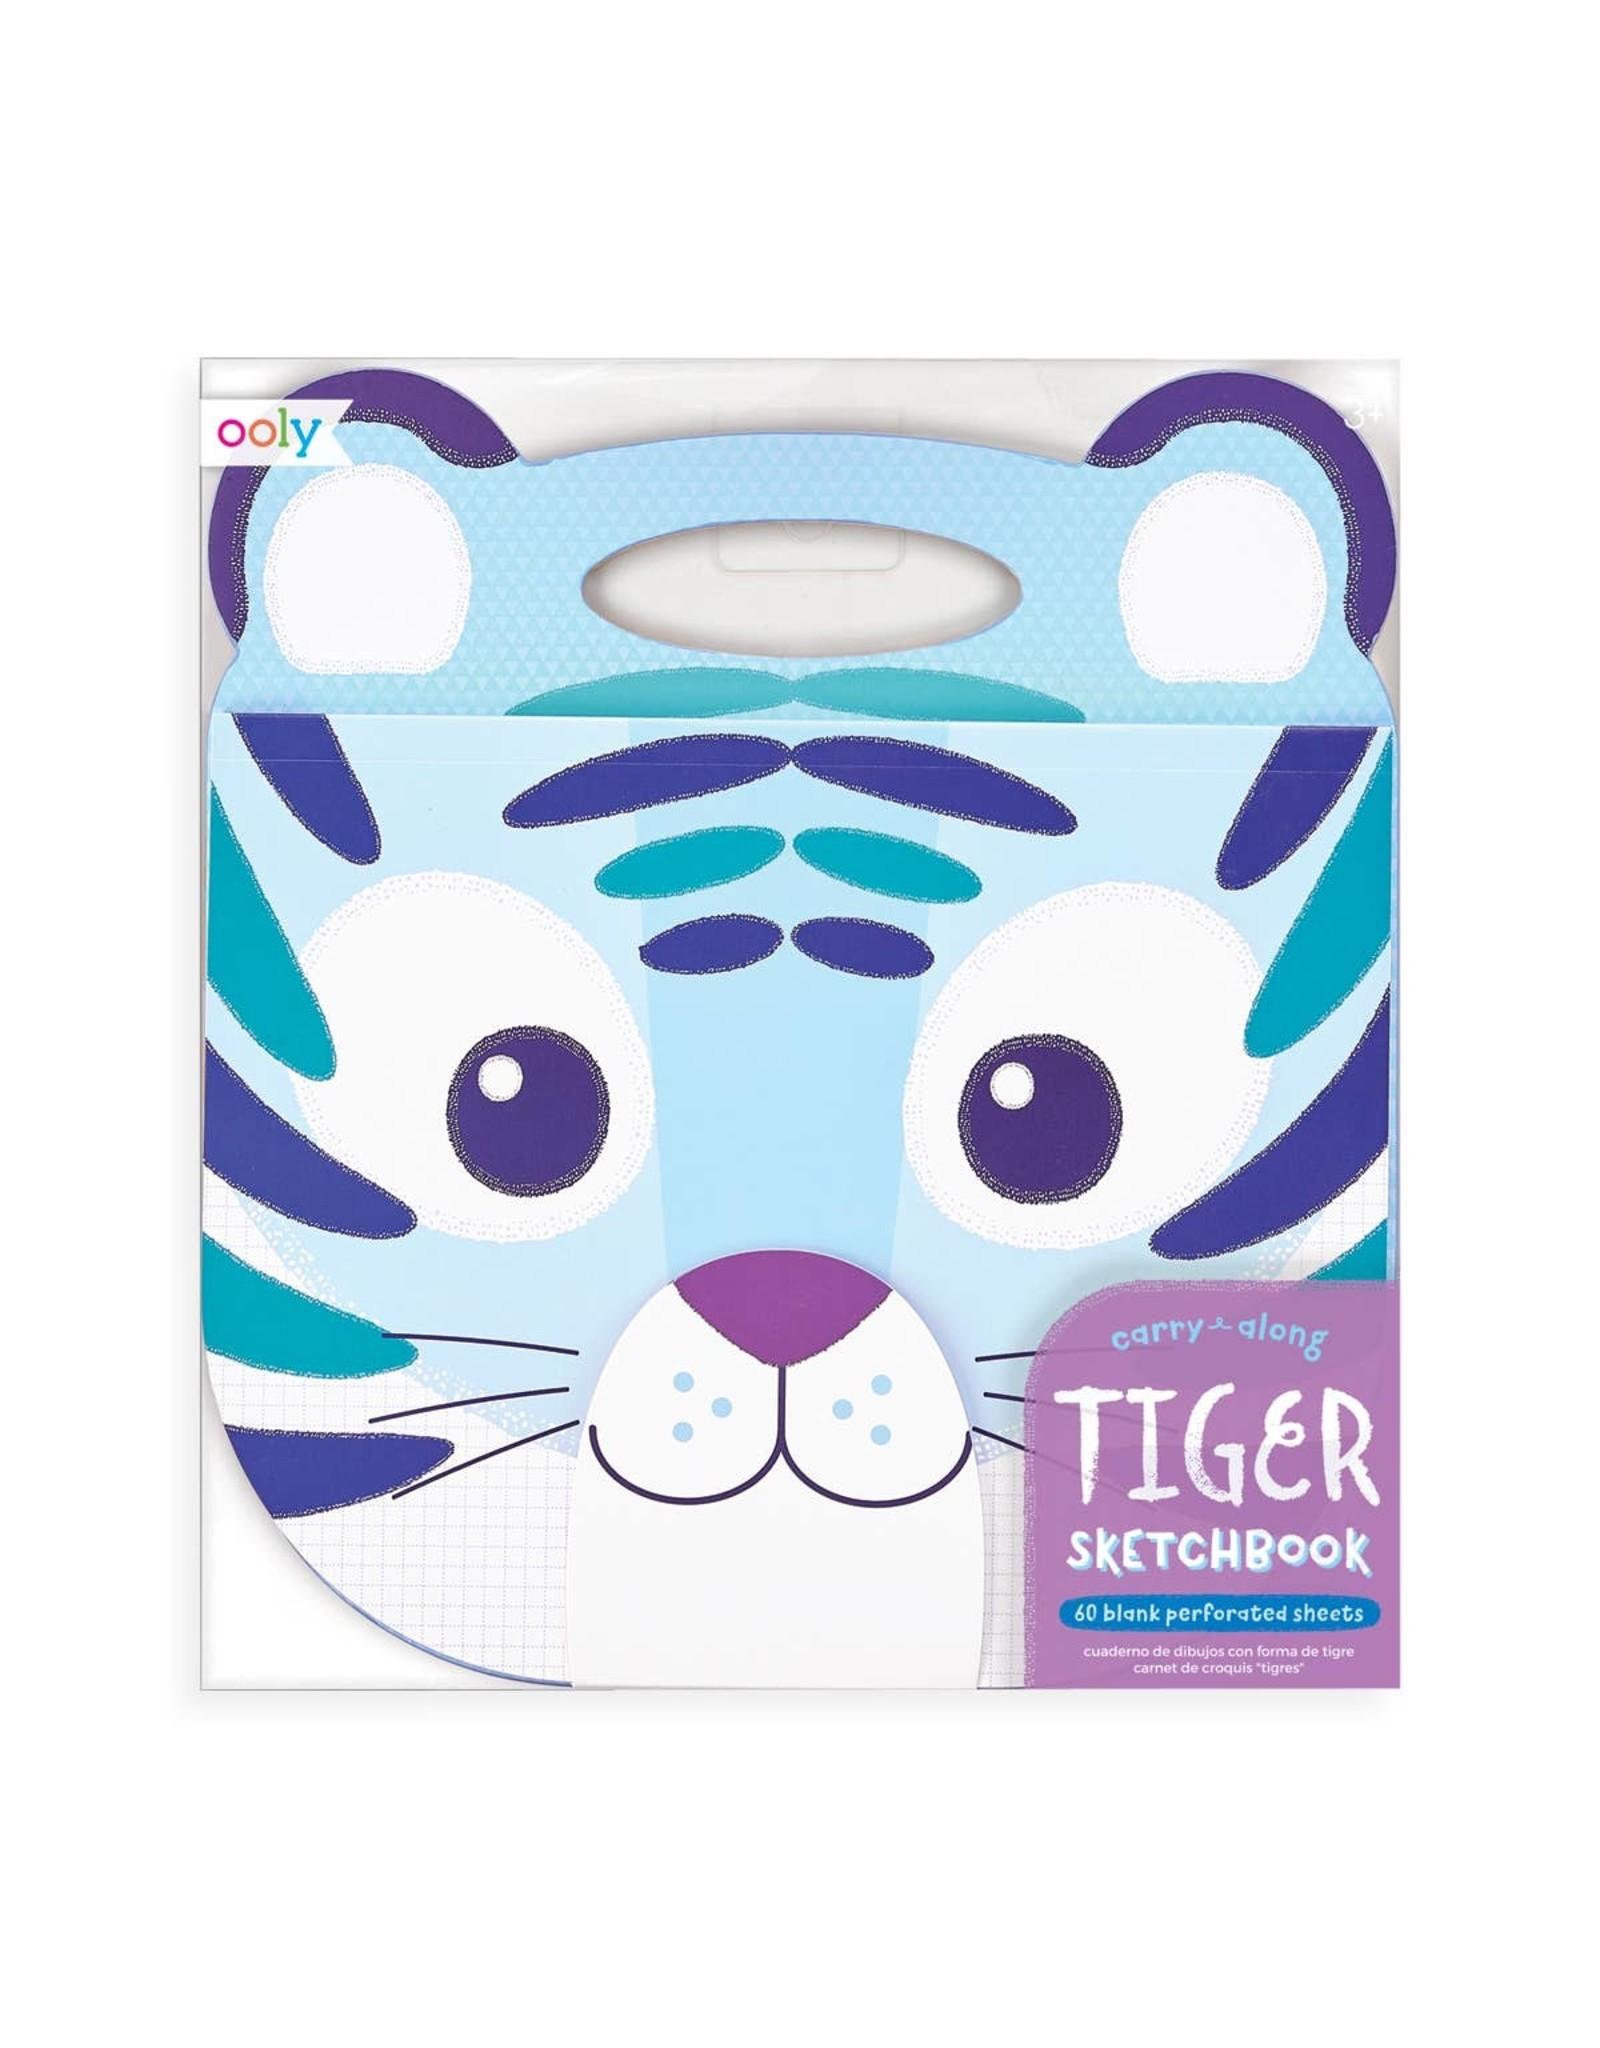 Ooly Carry Along Sketchbook, Tiger